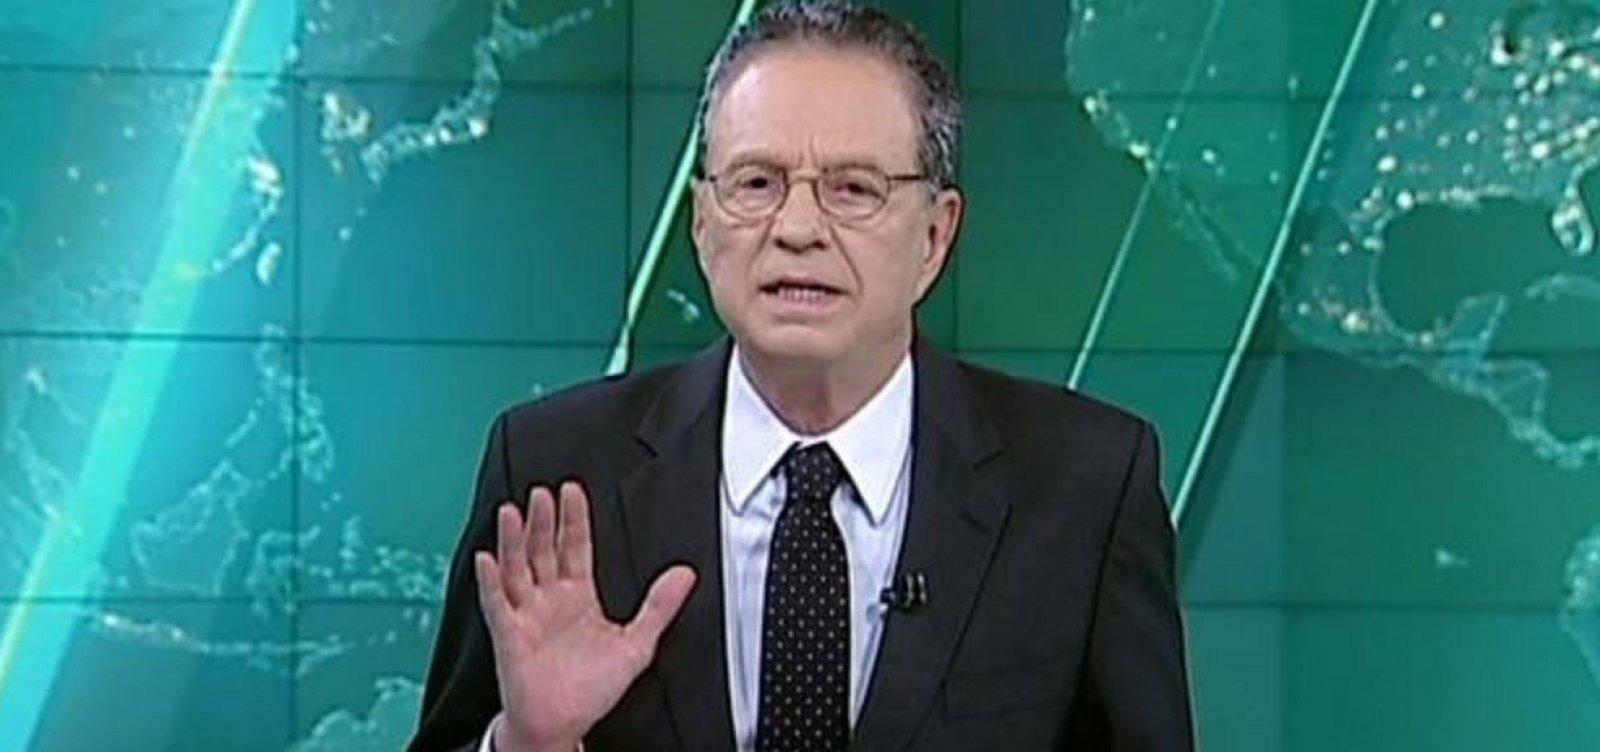 [Hermano Henning ganha novamente em processo de R$ 20 milhões movido contra o SBT]